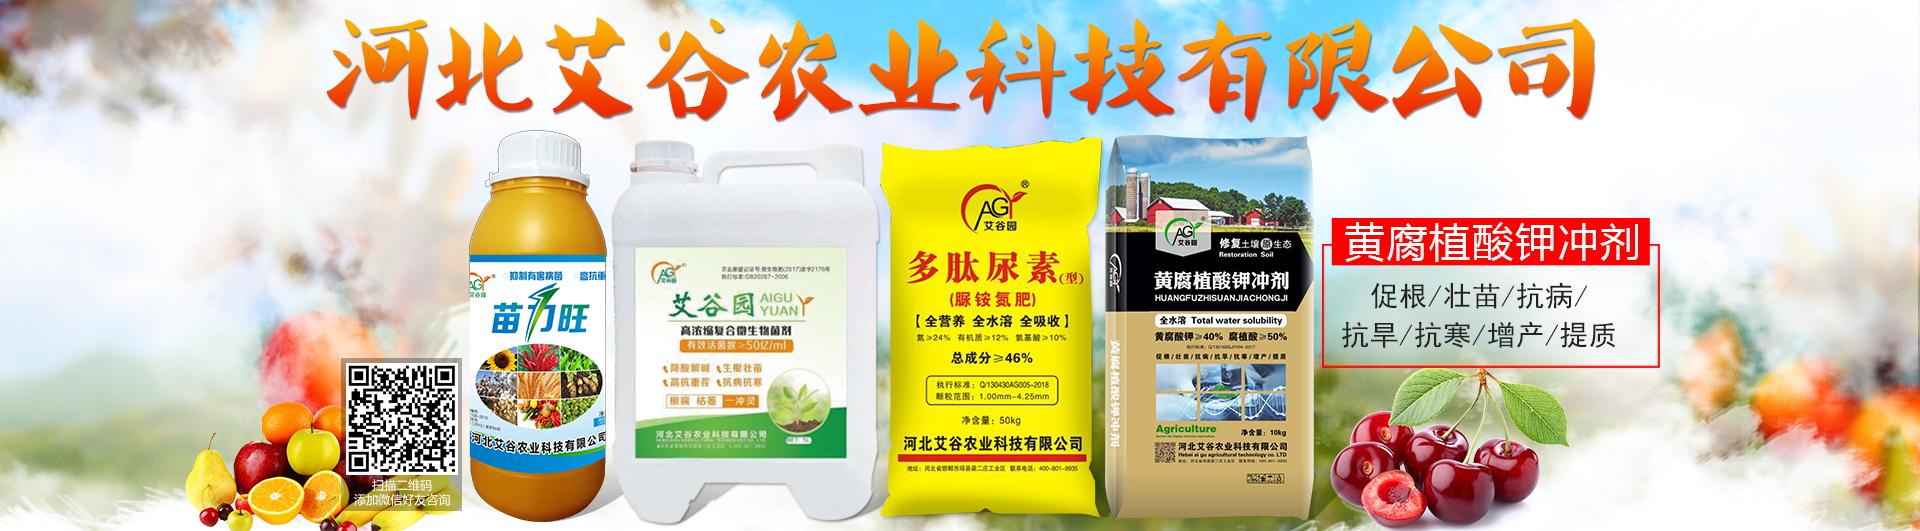 河北艾谷农业科技有限公司